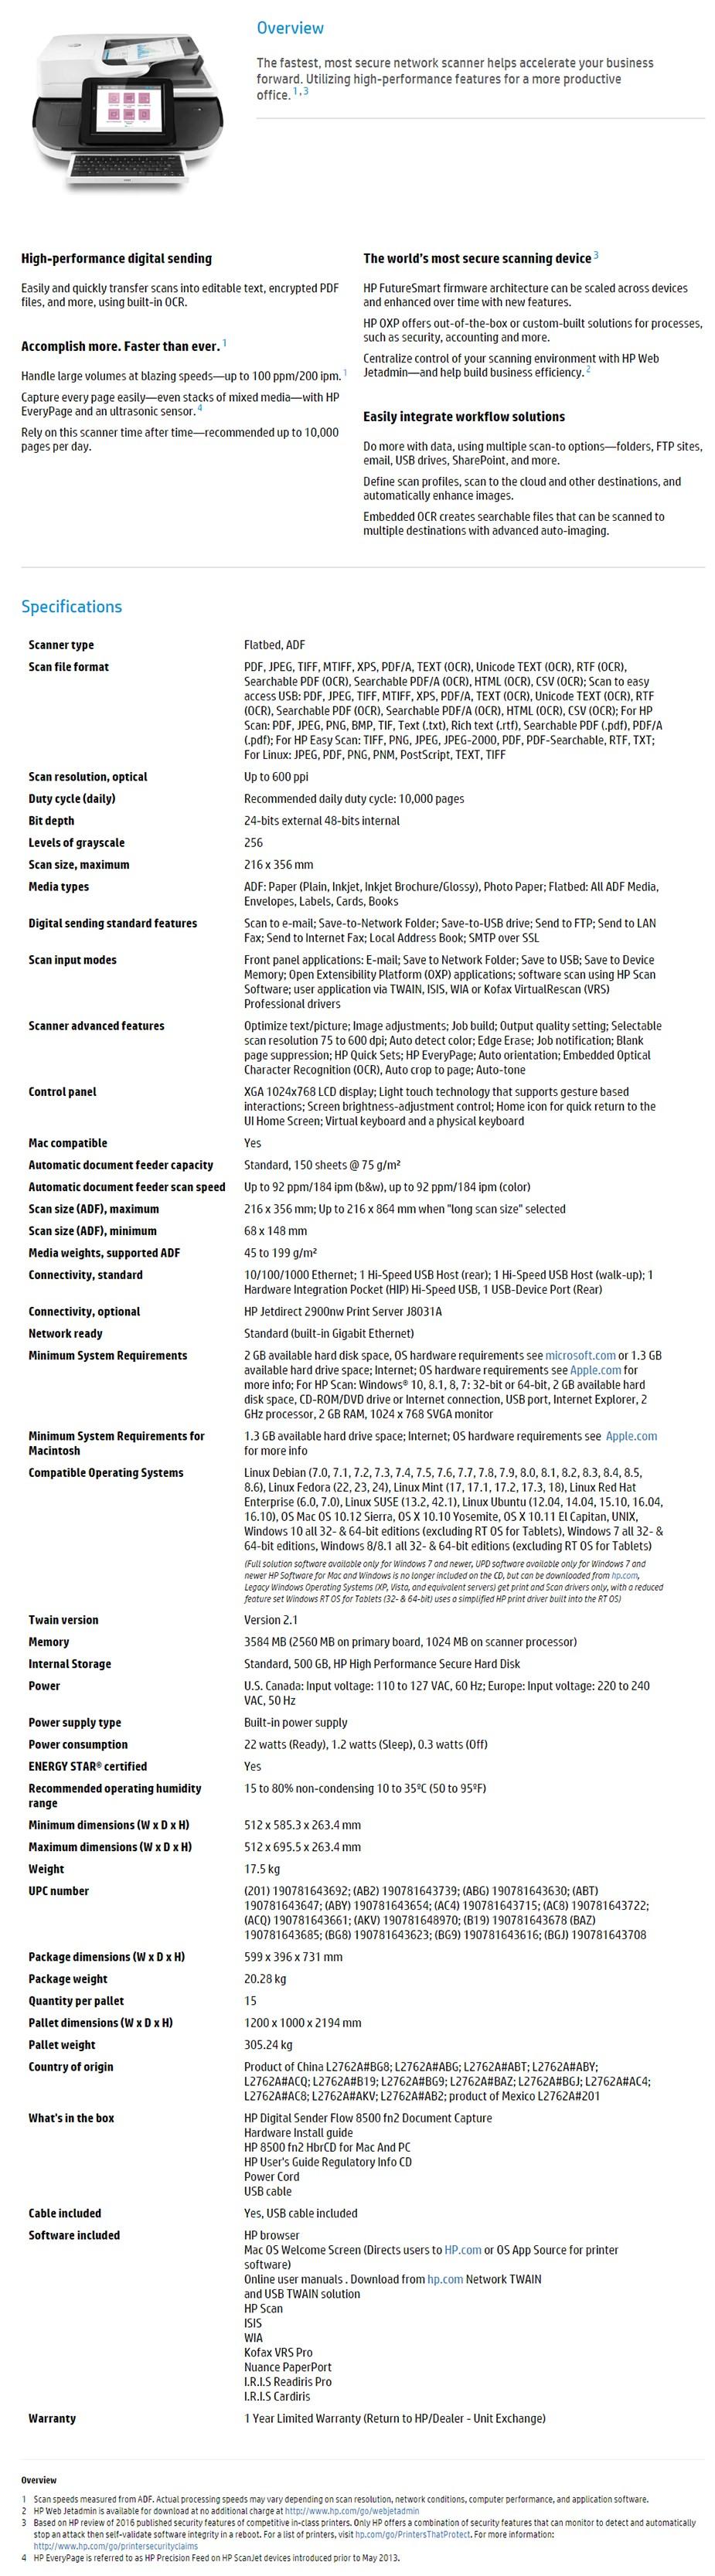 HP Digital Sender Flow 8500 fn2 Document Capture Workstation - Desktop Overview 1